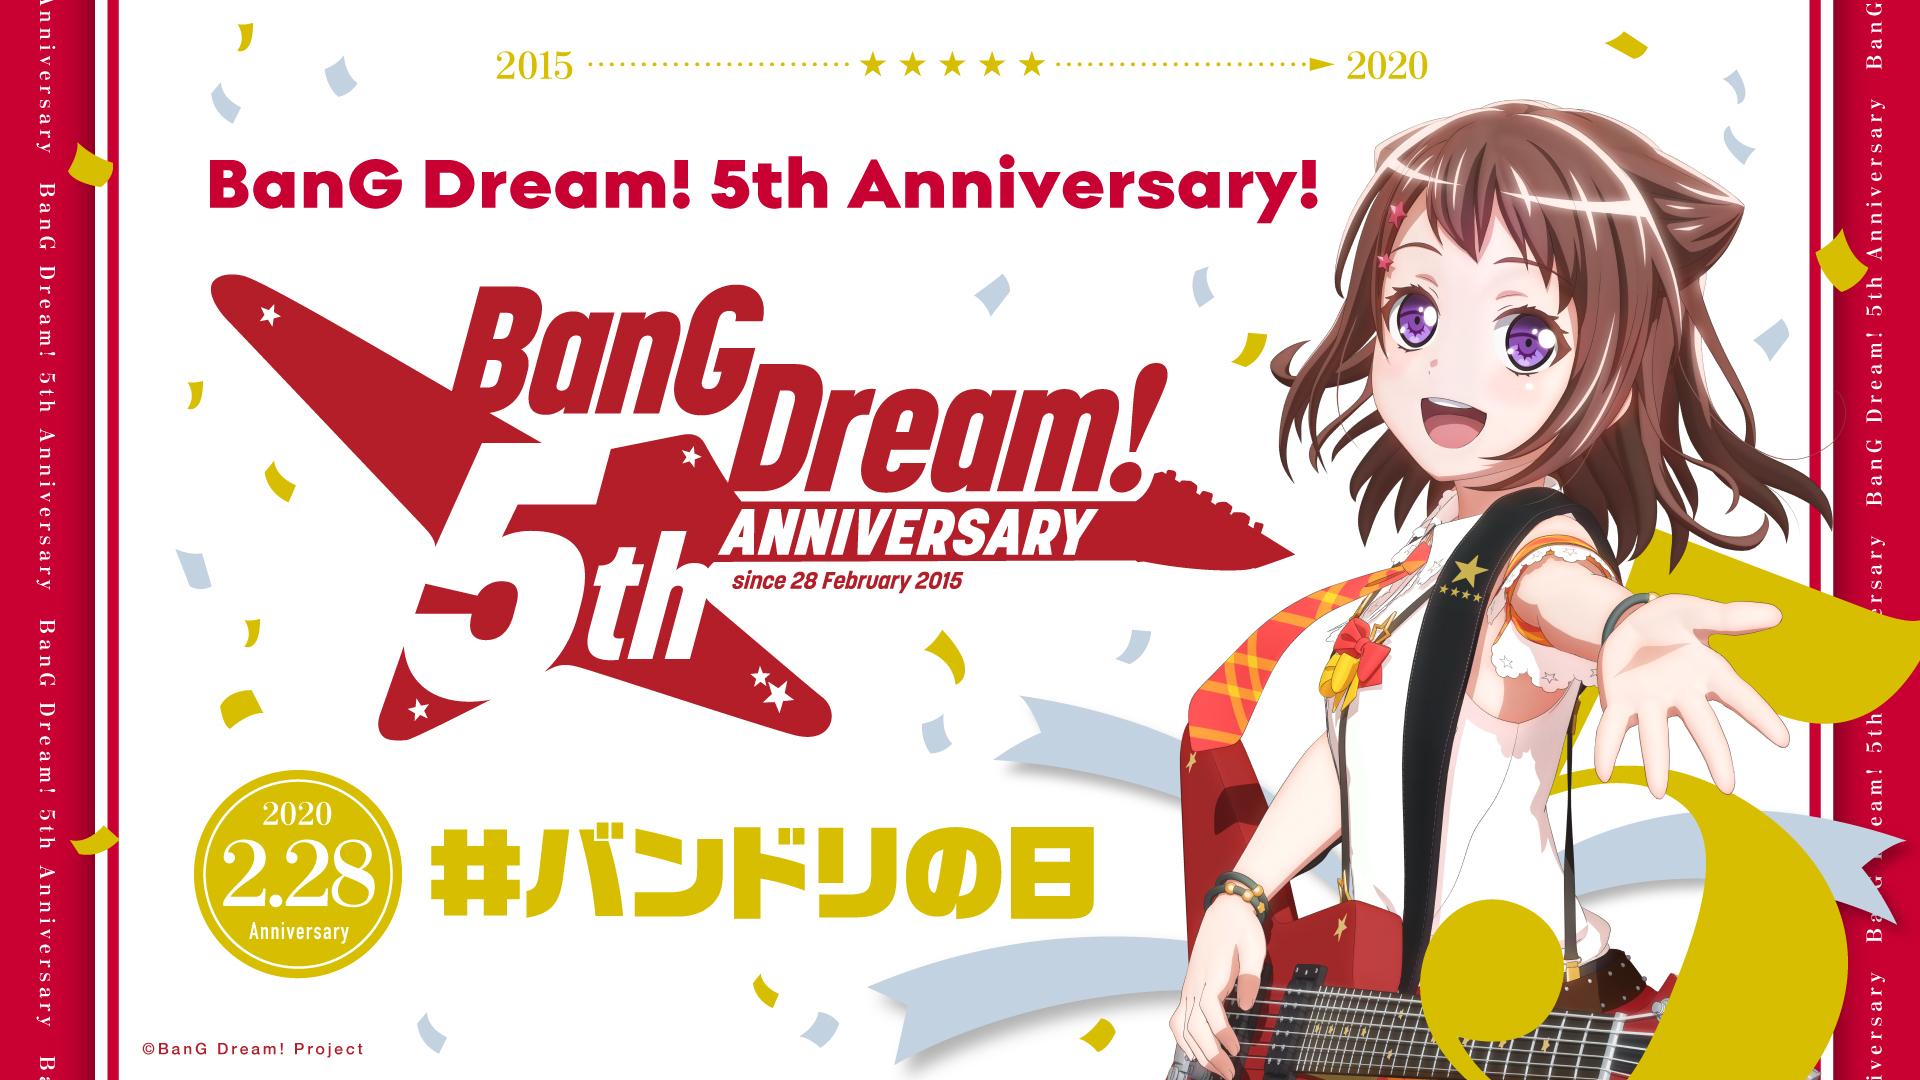 「バンドリ!」プロジェクト5周年 (C)BanG Dream! Project